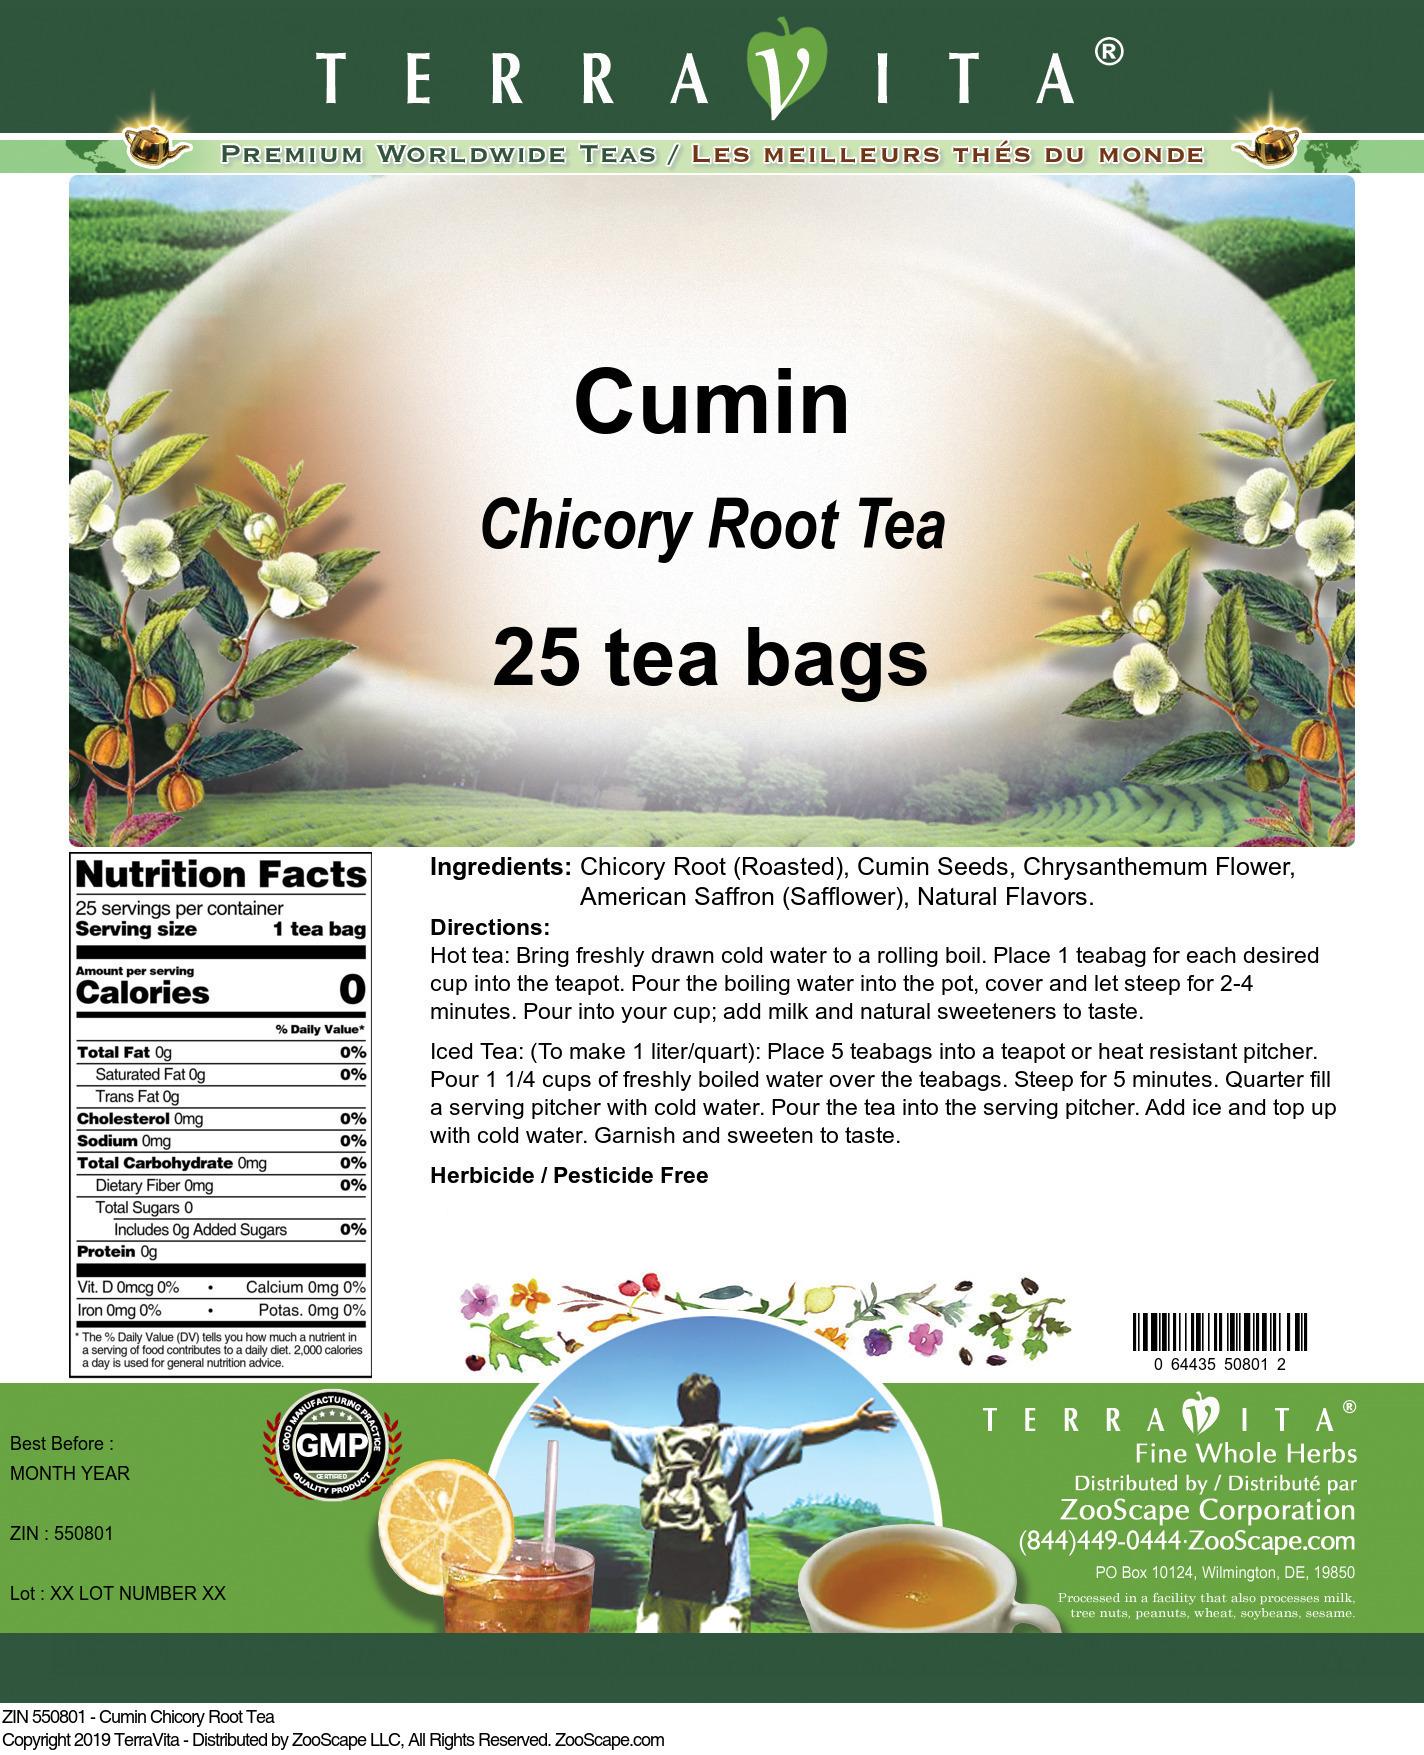 Cumin Chicory Root Tea